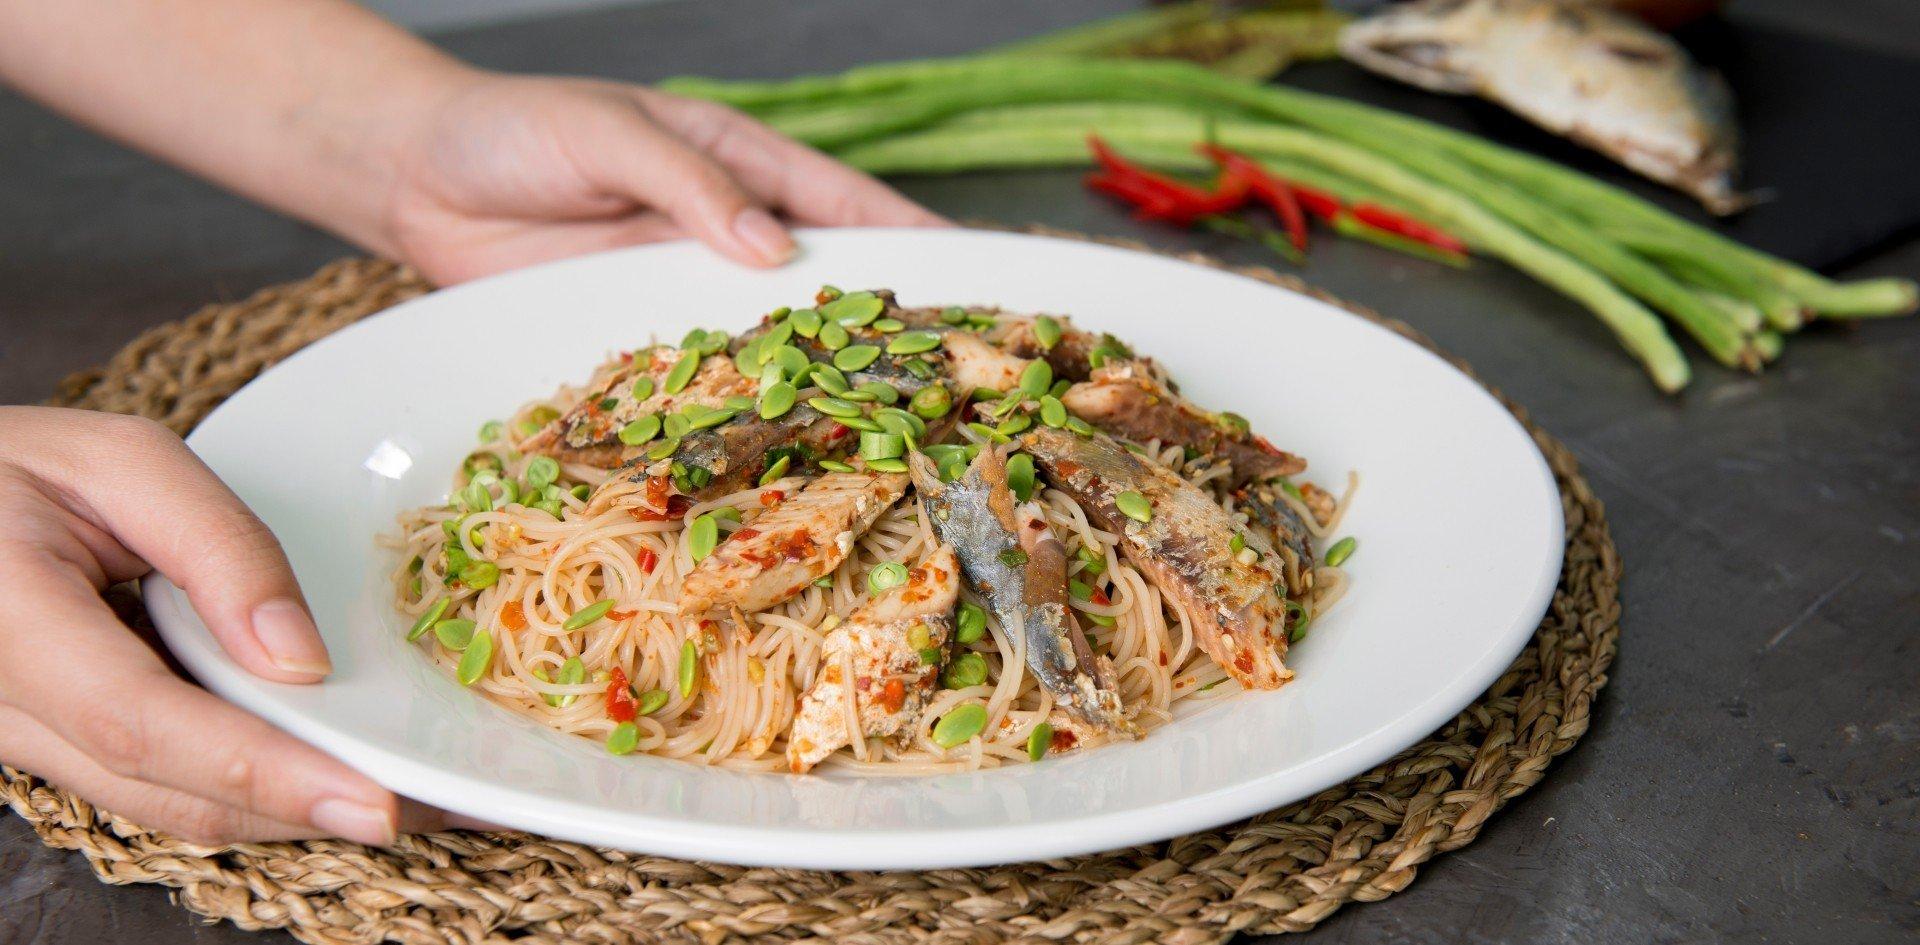 ยำขนมจีน เมนูยำรสเด็ด ปลาร้านัว แซ่บซี้ด